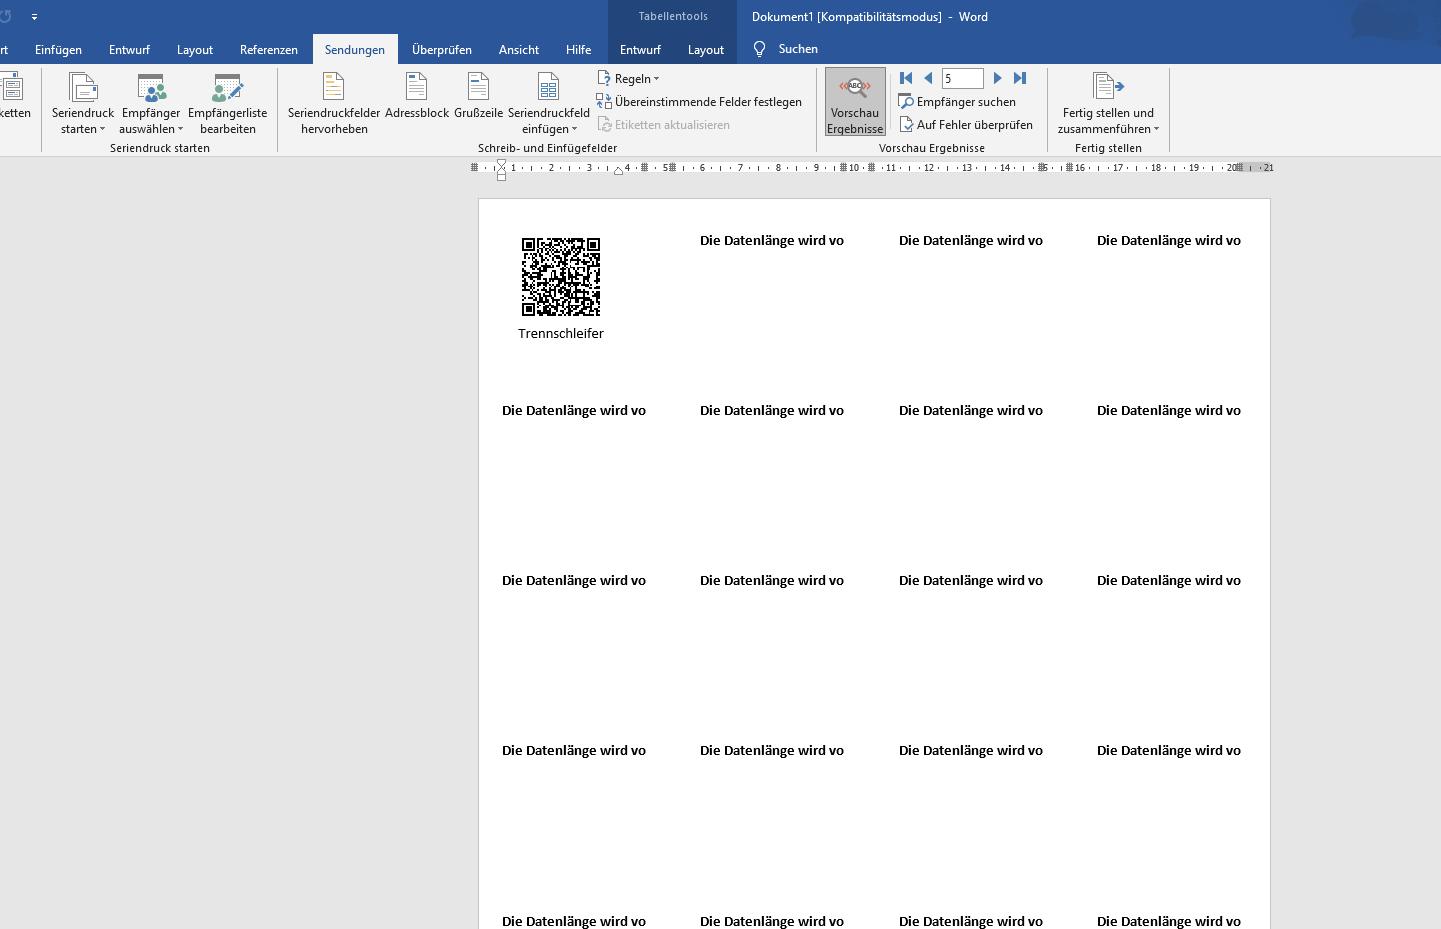 qmBase QR-Code erstellen mit Excel und Word Serienbrief, Instandhaltung, Digitalisierung, Smart Maintenance, Maintenance Management